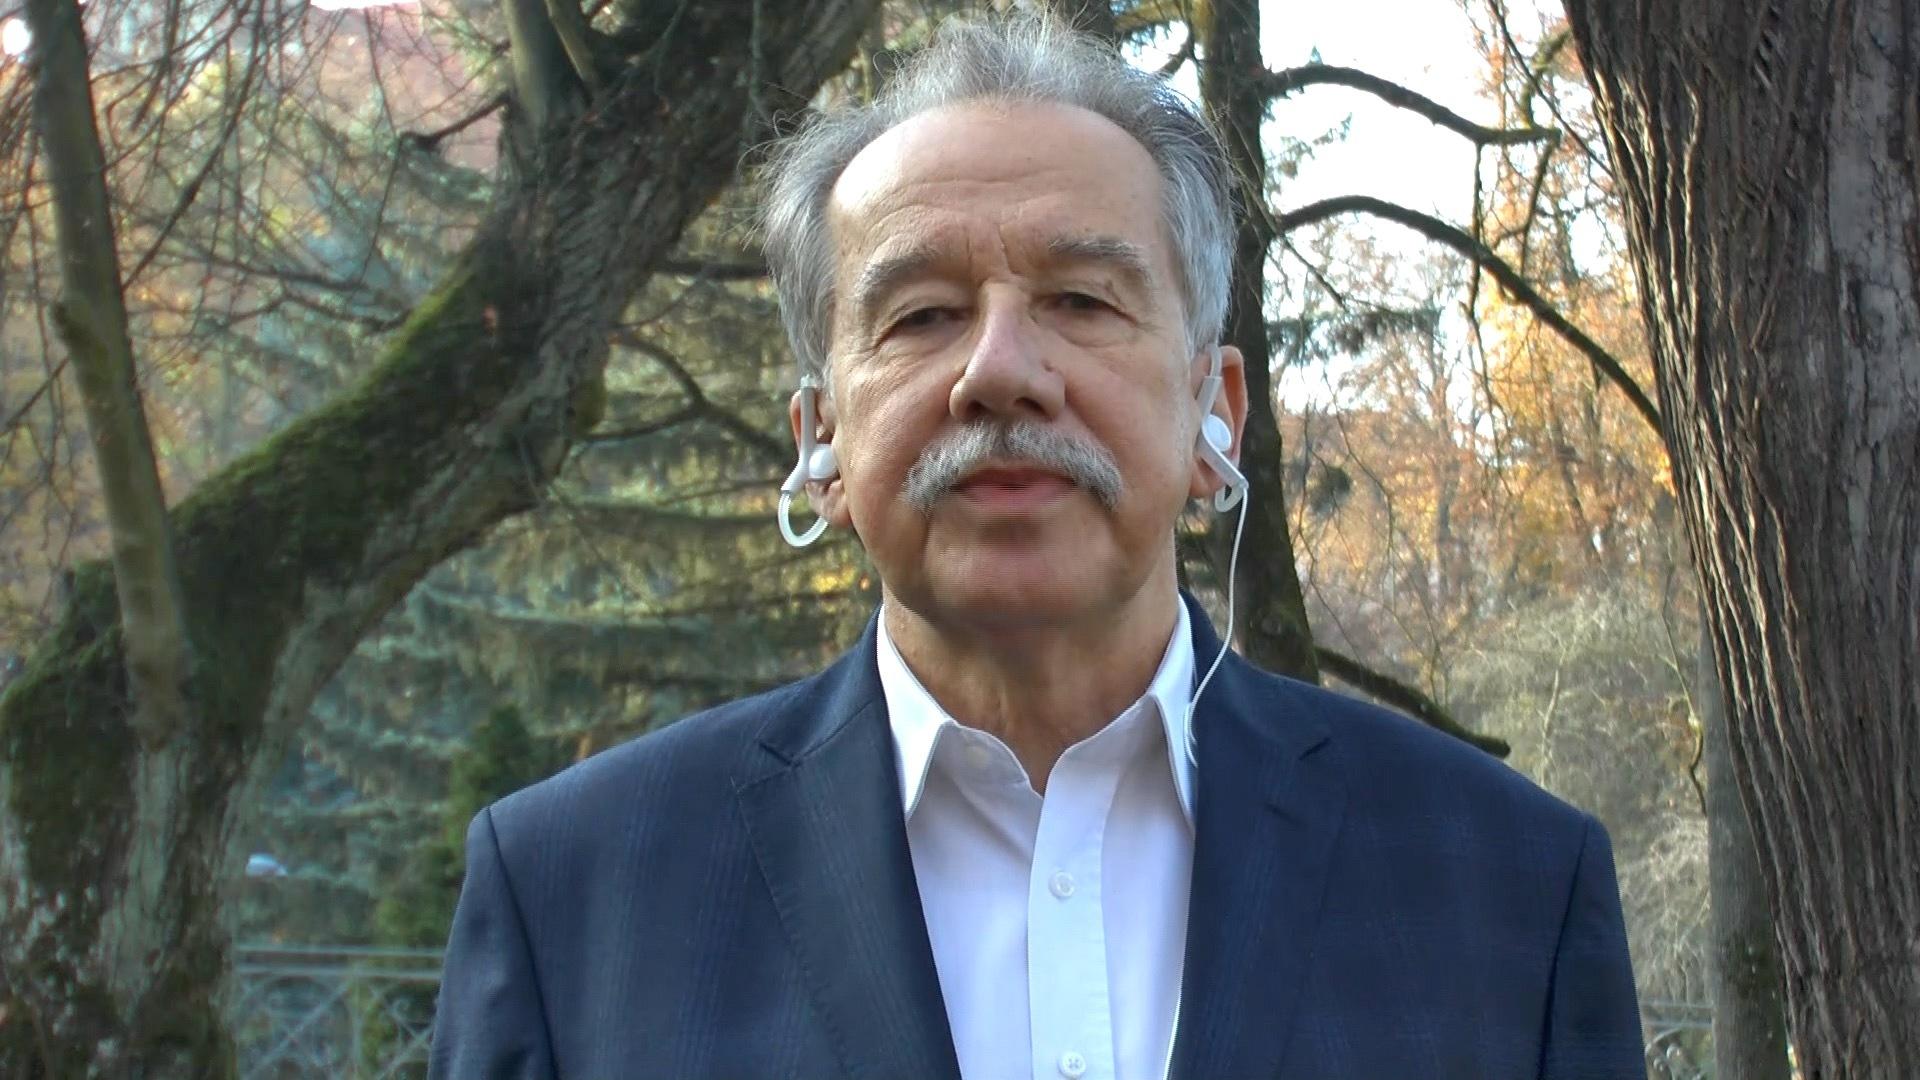 Hermeliński: nie bardzo widzę możliwość przeliczenia przez Sąd Najwyższy głosów